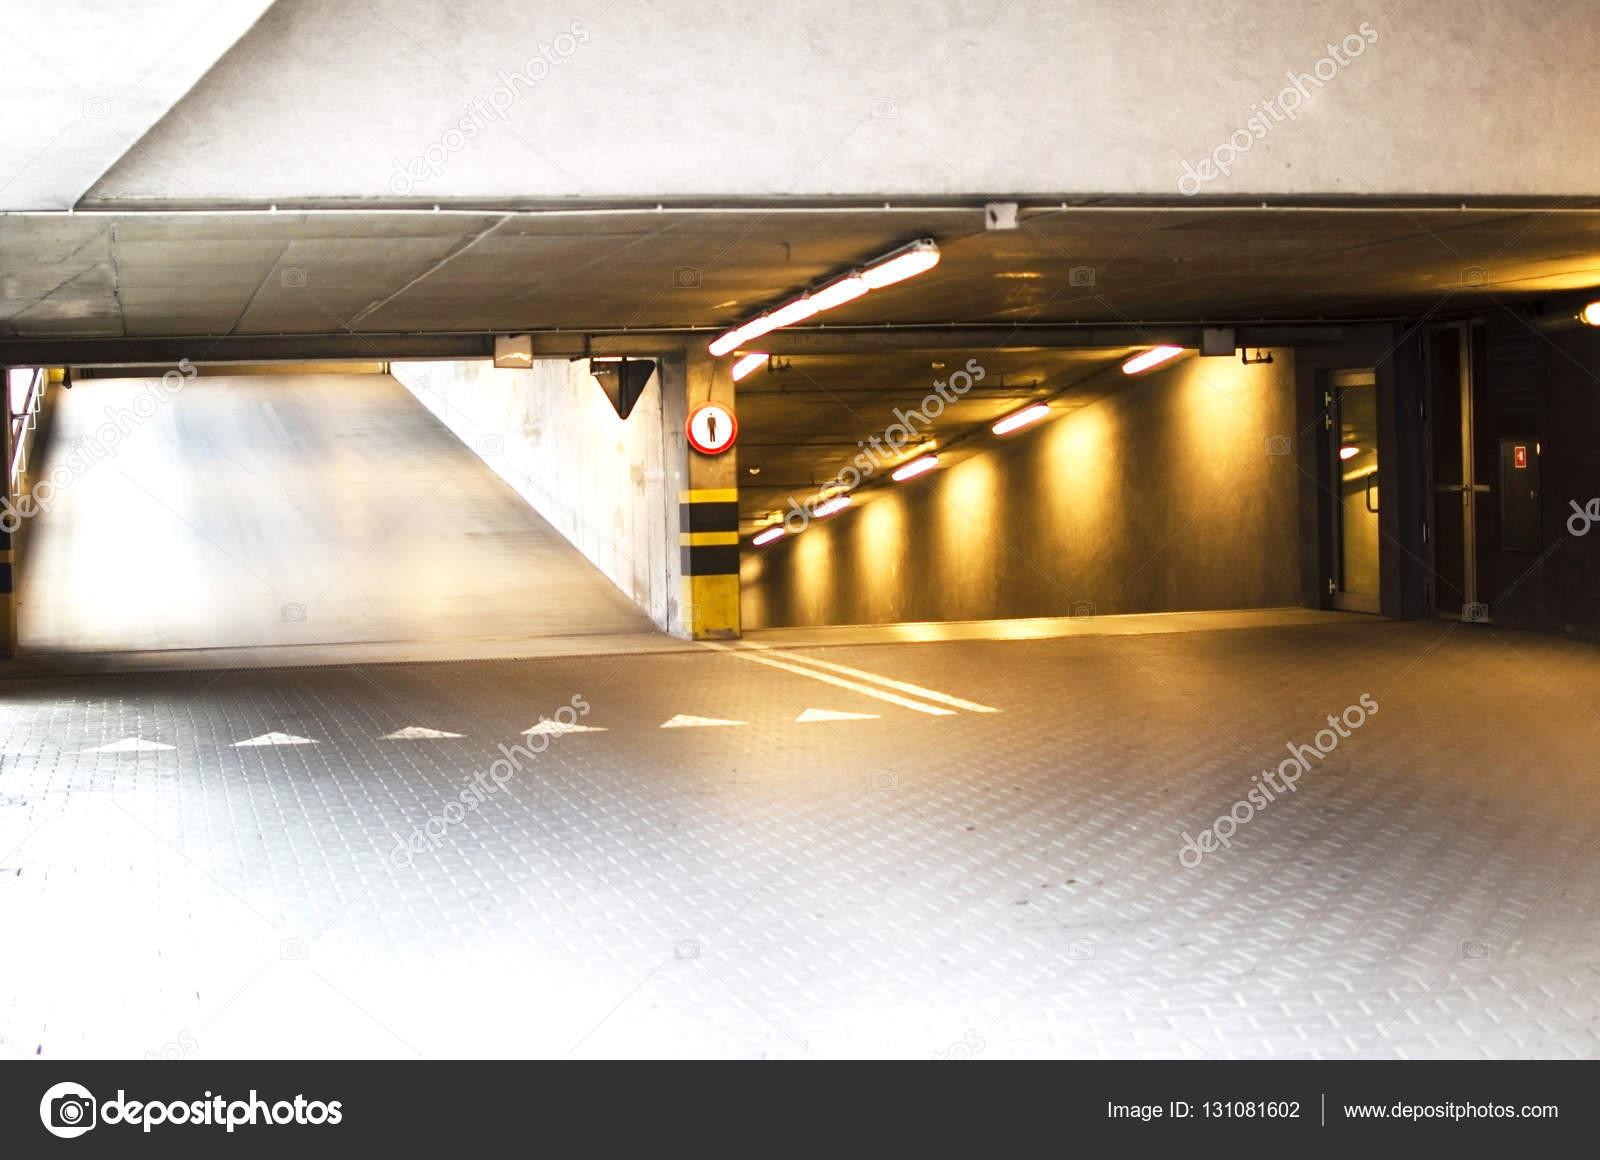 Parcheggio sotterraneo per auto illuminazione u2014 foto stock © gorvik